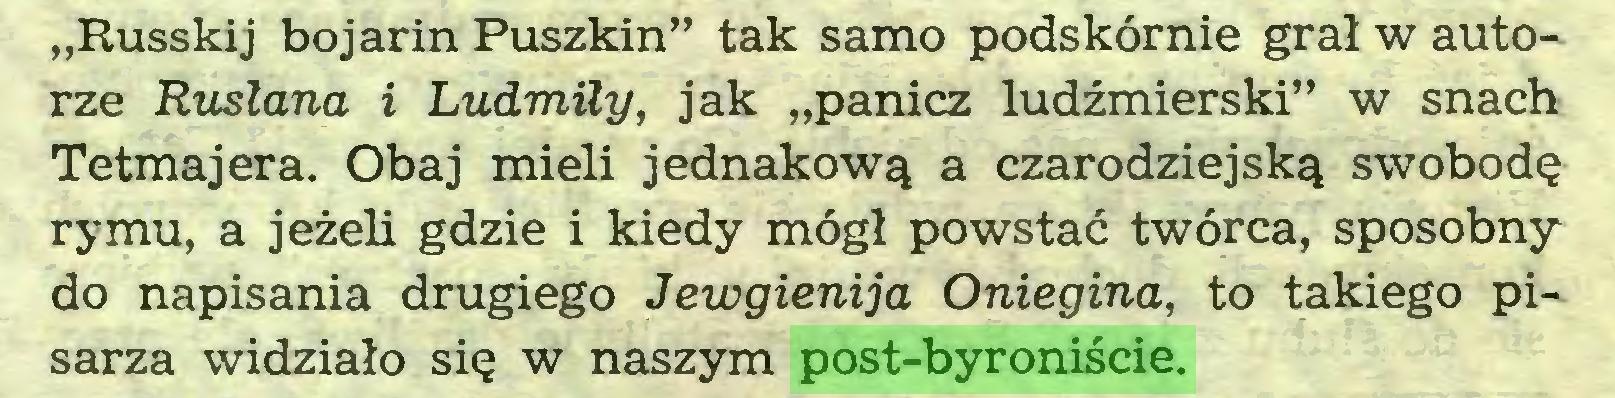 """(...) """"Russkij bojarin Puszkin"""" tak samo podskórnie grał w autorze Ruslana i Ludmiły, jak """"panicz ludźmierski"""" w snach Tetmajera. Obaj mieli jednakową a czarodziejską swobodę rymu, a jeżeli gdzie i kiedy mógł powstać twórca, sposobny do napisania drugiego Jewgienija Oniegina, to takiego pisarza widziało się w naszym post-byroniście..."""